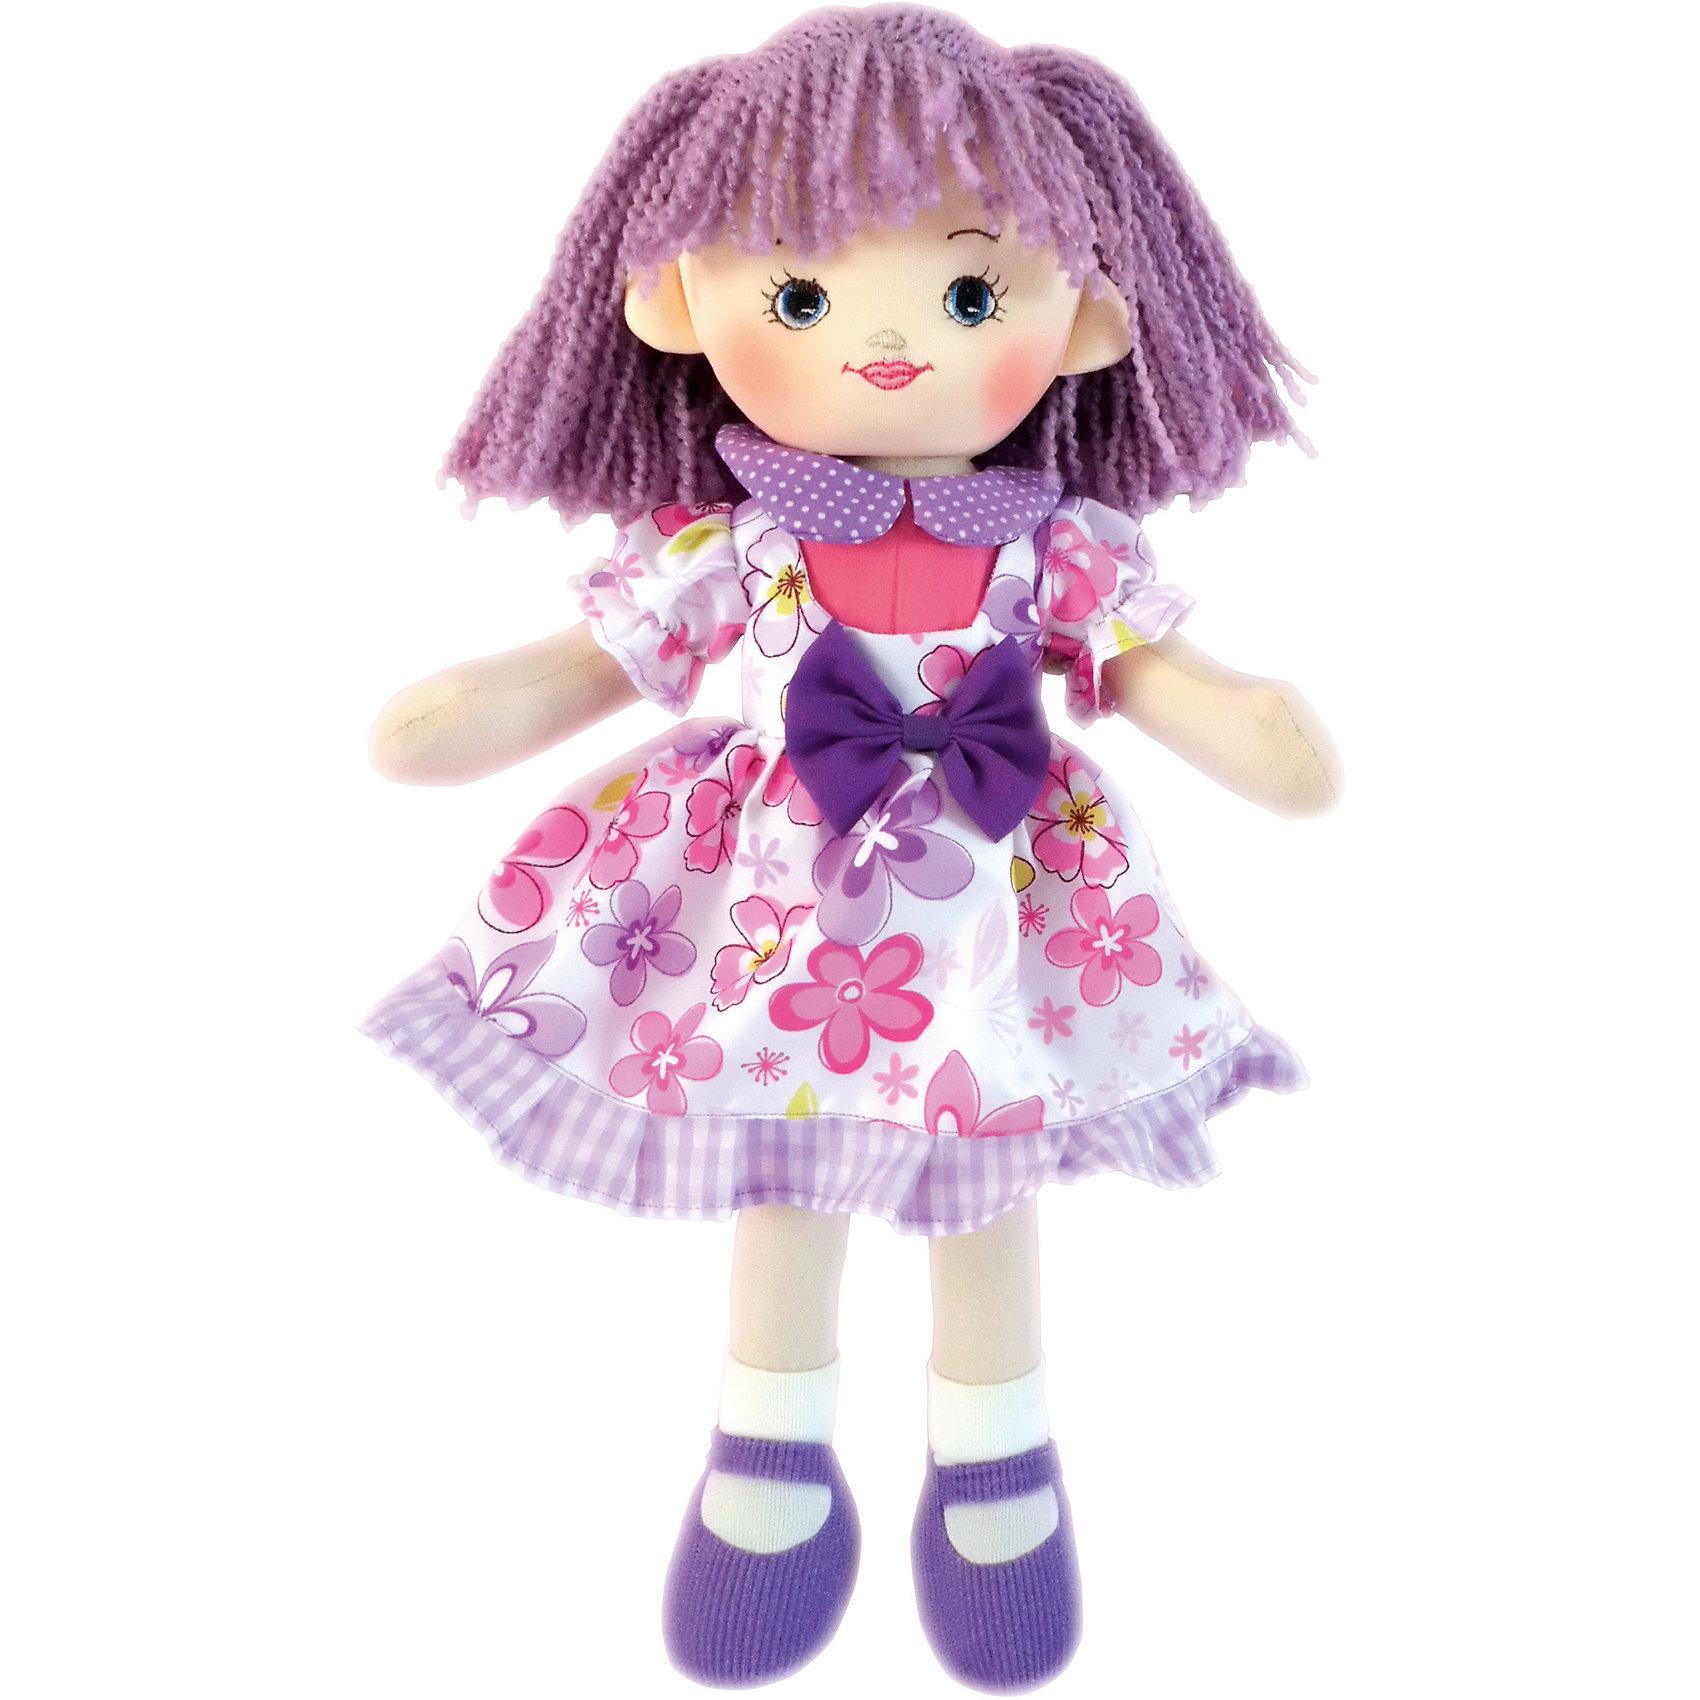 Кукла Ягодка, 30 см, GulliverМягкие куклы<br>Кукла Ягодка, 30 см, Gulliver (Гулливер) с сиреневыми волосами в летнем платьице с бантиком на поясе отлично подходит для катания в кукольных колясках и станет прекрасным подарком для любой девочки! Кукла Ягодка достигает в высоту 30 сантиметров, поэтому ее комфортно брать с собой, носить на руках и играть в любом месте.<br><br>Дополнительная информация:<br>-Размер в упаковке: 18х17х30 см<br>-Вес в упаковке: 141 г<br>-Материалы: текстиль, синтепон<br>-Длина куклы: 30 см<br>-Развивает: воображение, тактильную чувствительность, речь, мелкую моторику<br><br>Куклу Ягодку, 30 см, Gulliver (Гулливер) можно купить в нашем магазине.<br><br>Ширина мм: 180<br>Глубина мм: 170<br>Высота мм: 300<br>Вес г: 141<br>Возраст от месяцев: 36<br>Возраст до месяцев: 84<br>Пол: Женский<br>Возраст: Детский<br>SKU: 4288939